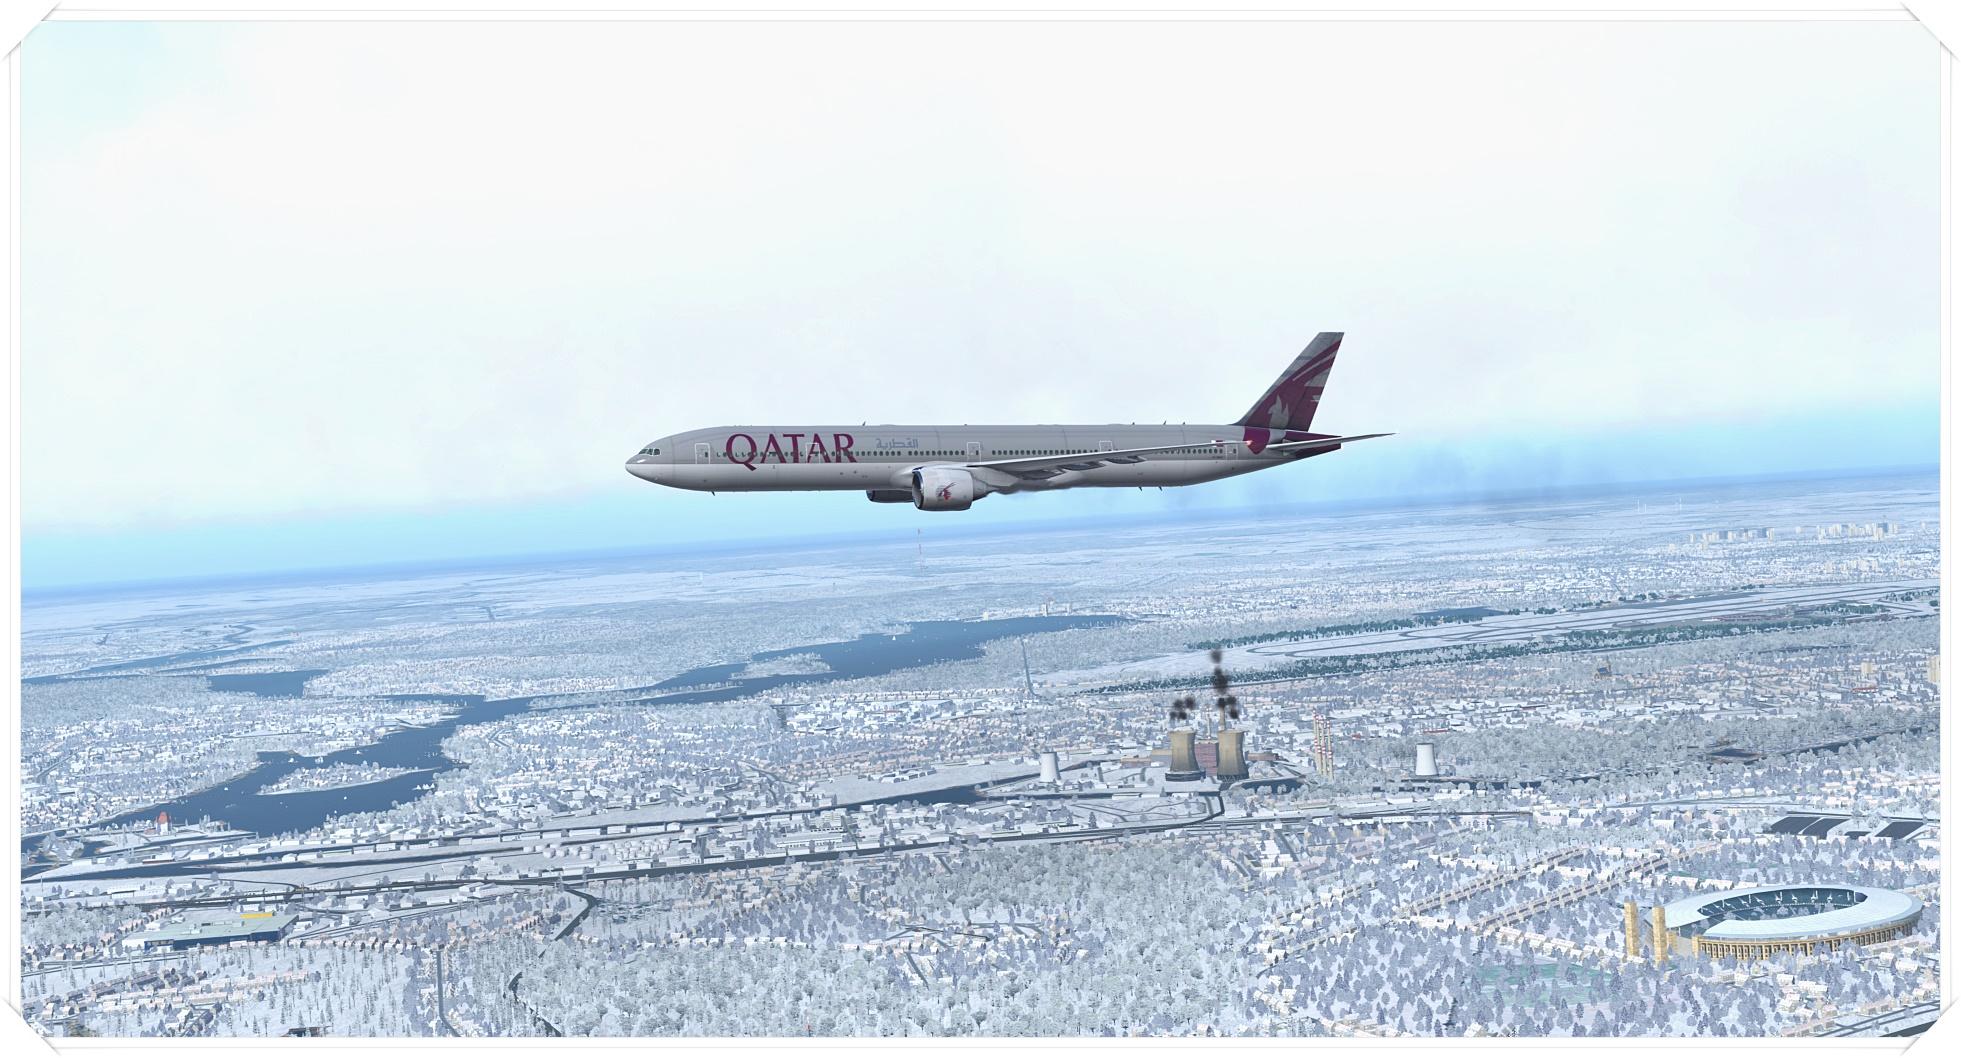 777-300er_xp11_29as65.jpg